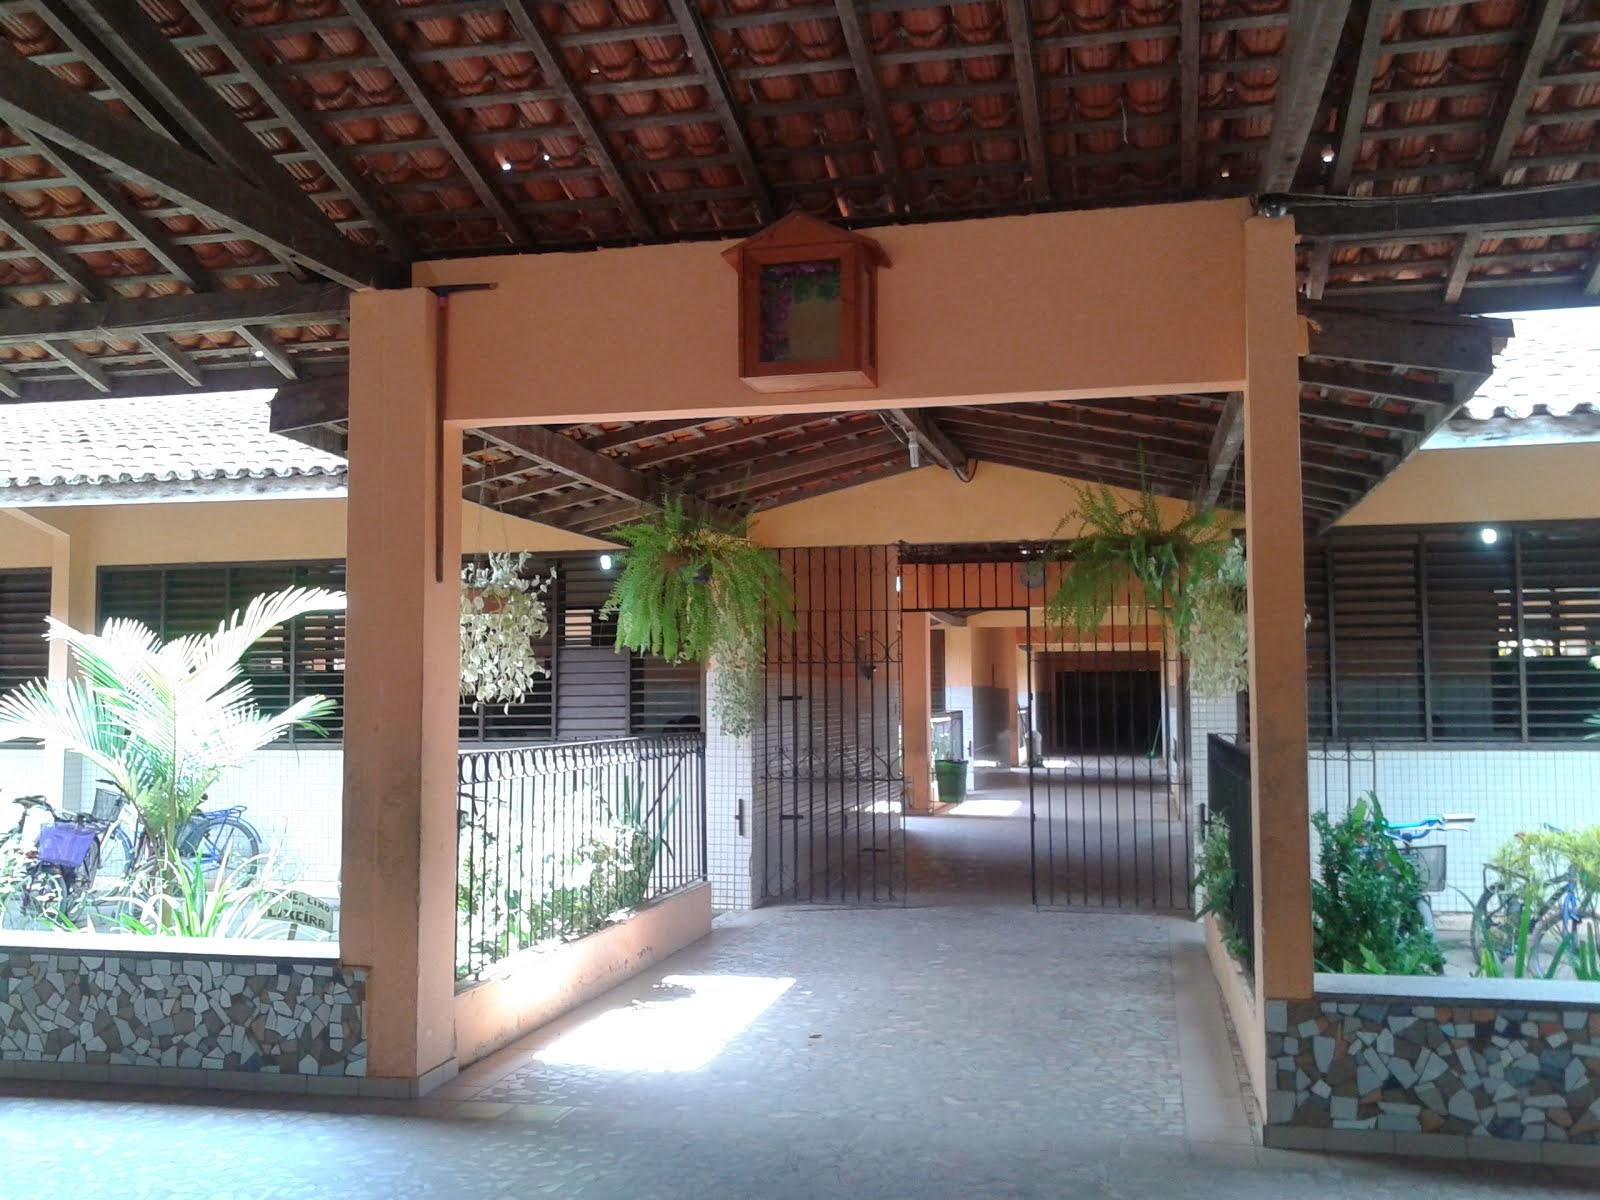 Entrada Principal para Salas de Aulas